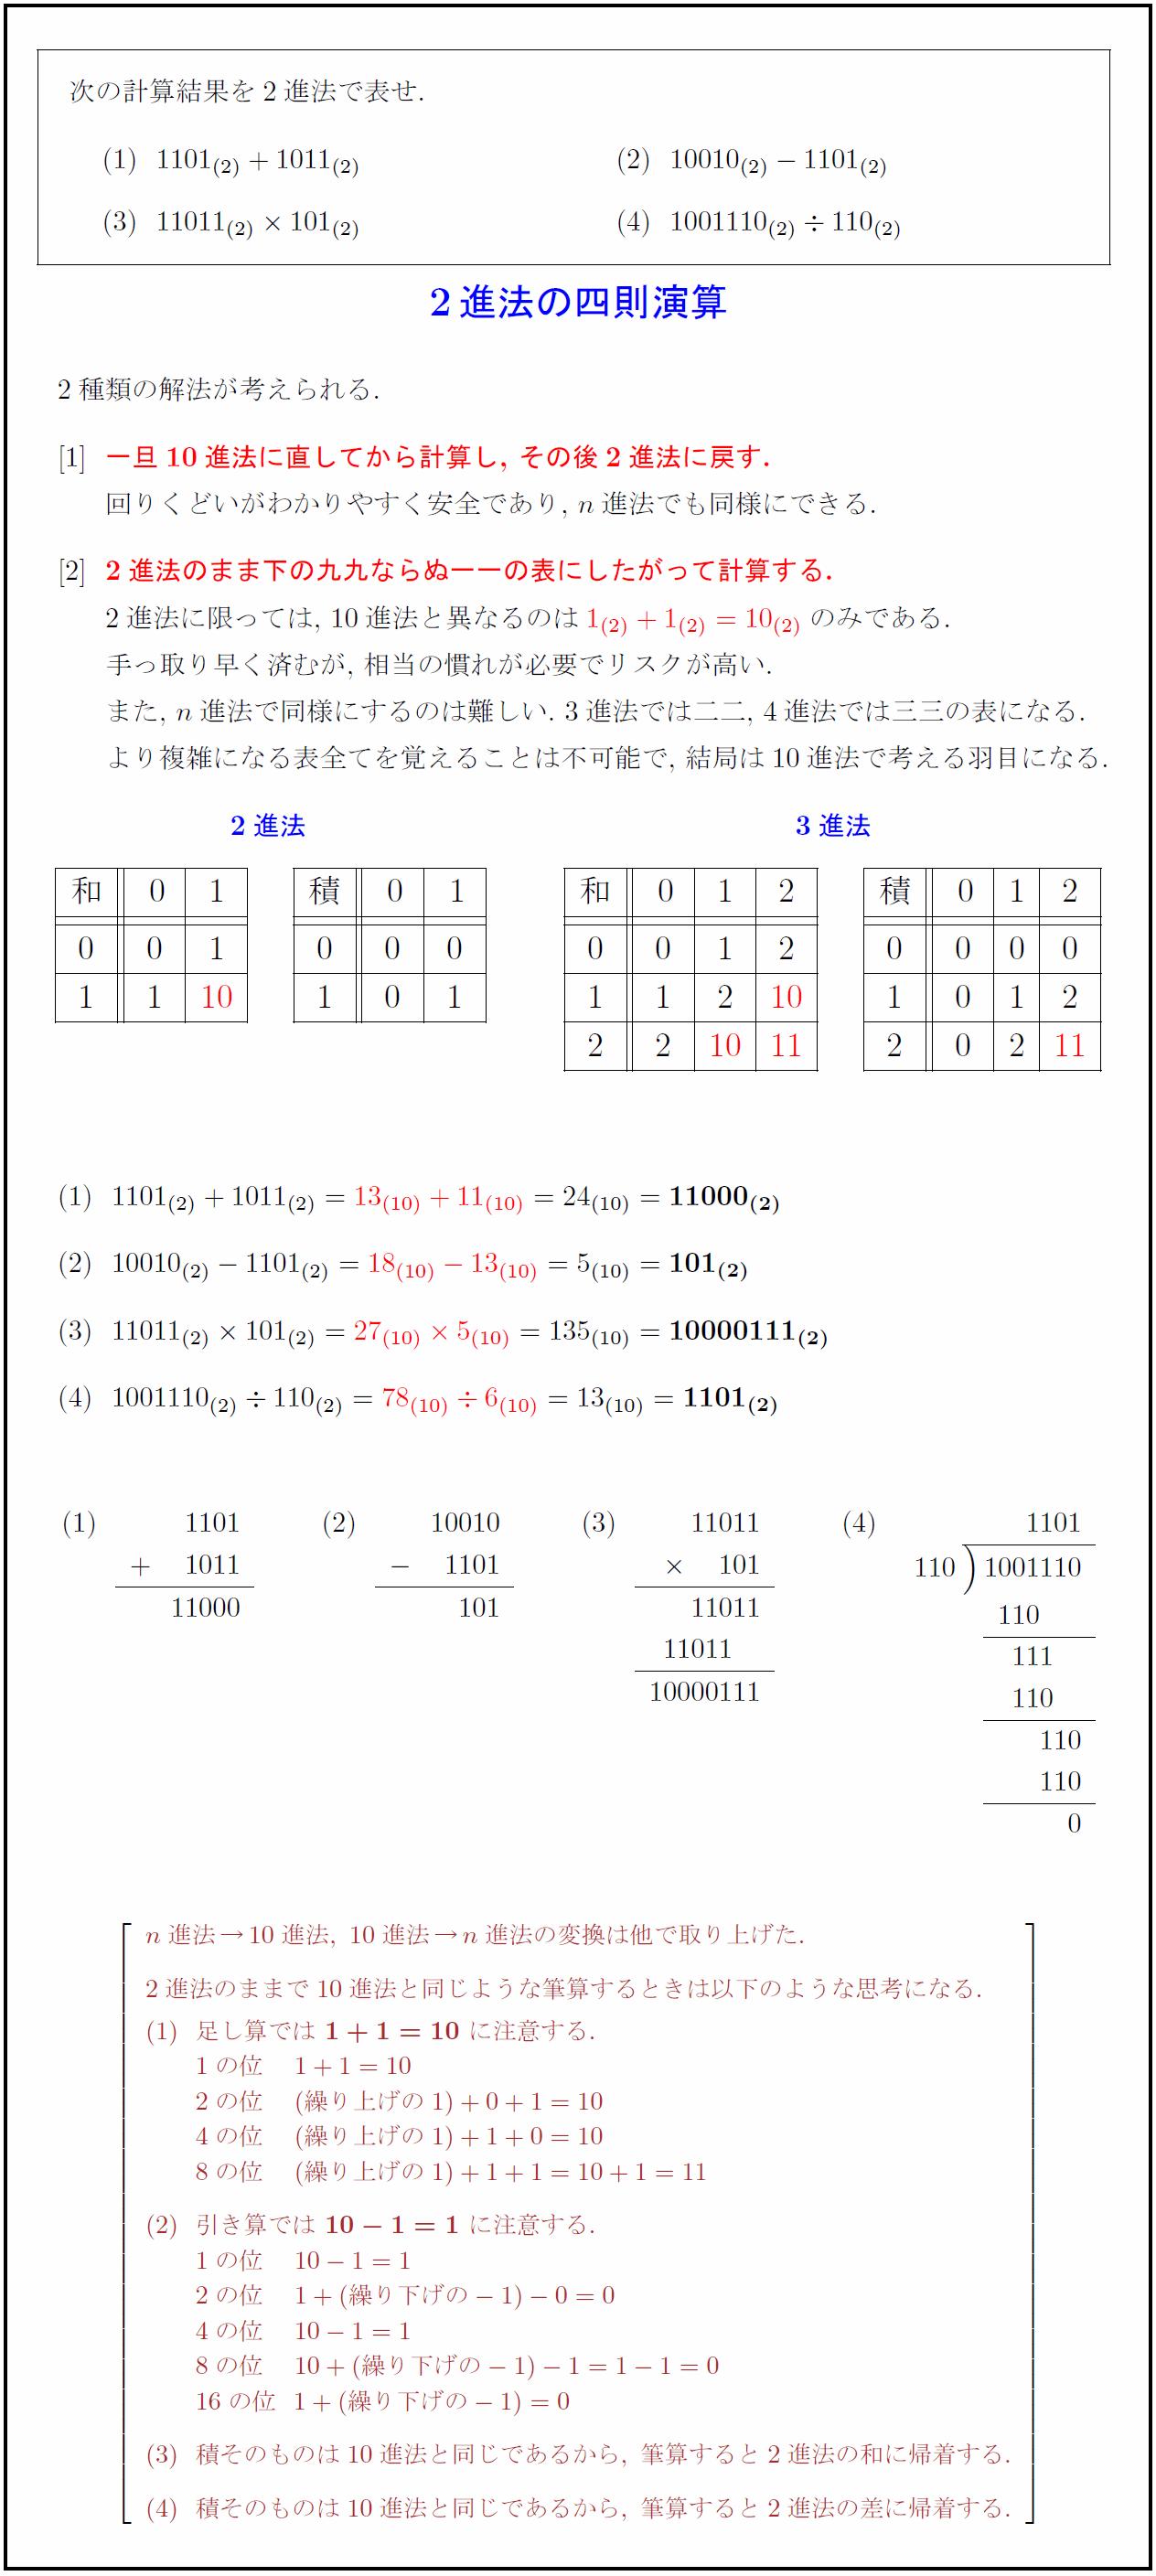 2進法の四則演算 | 受験の月